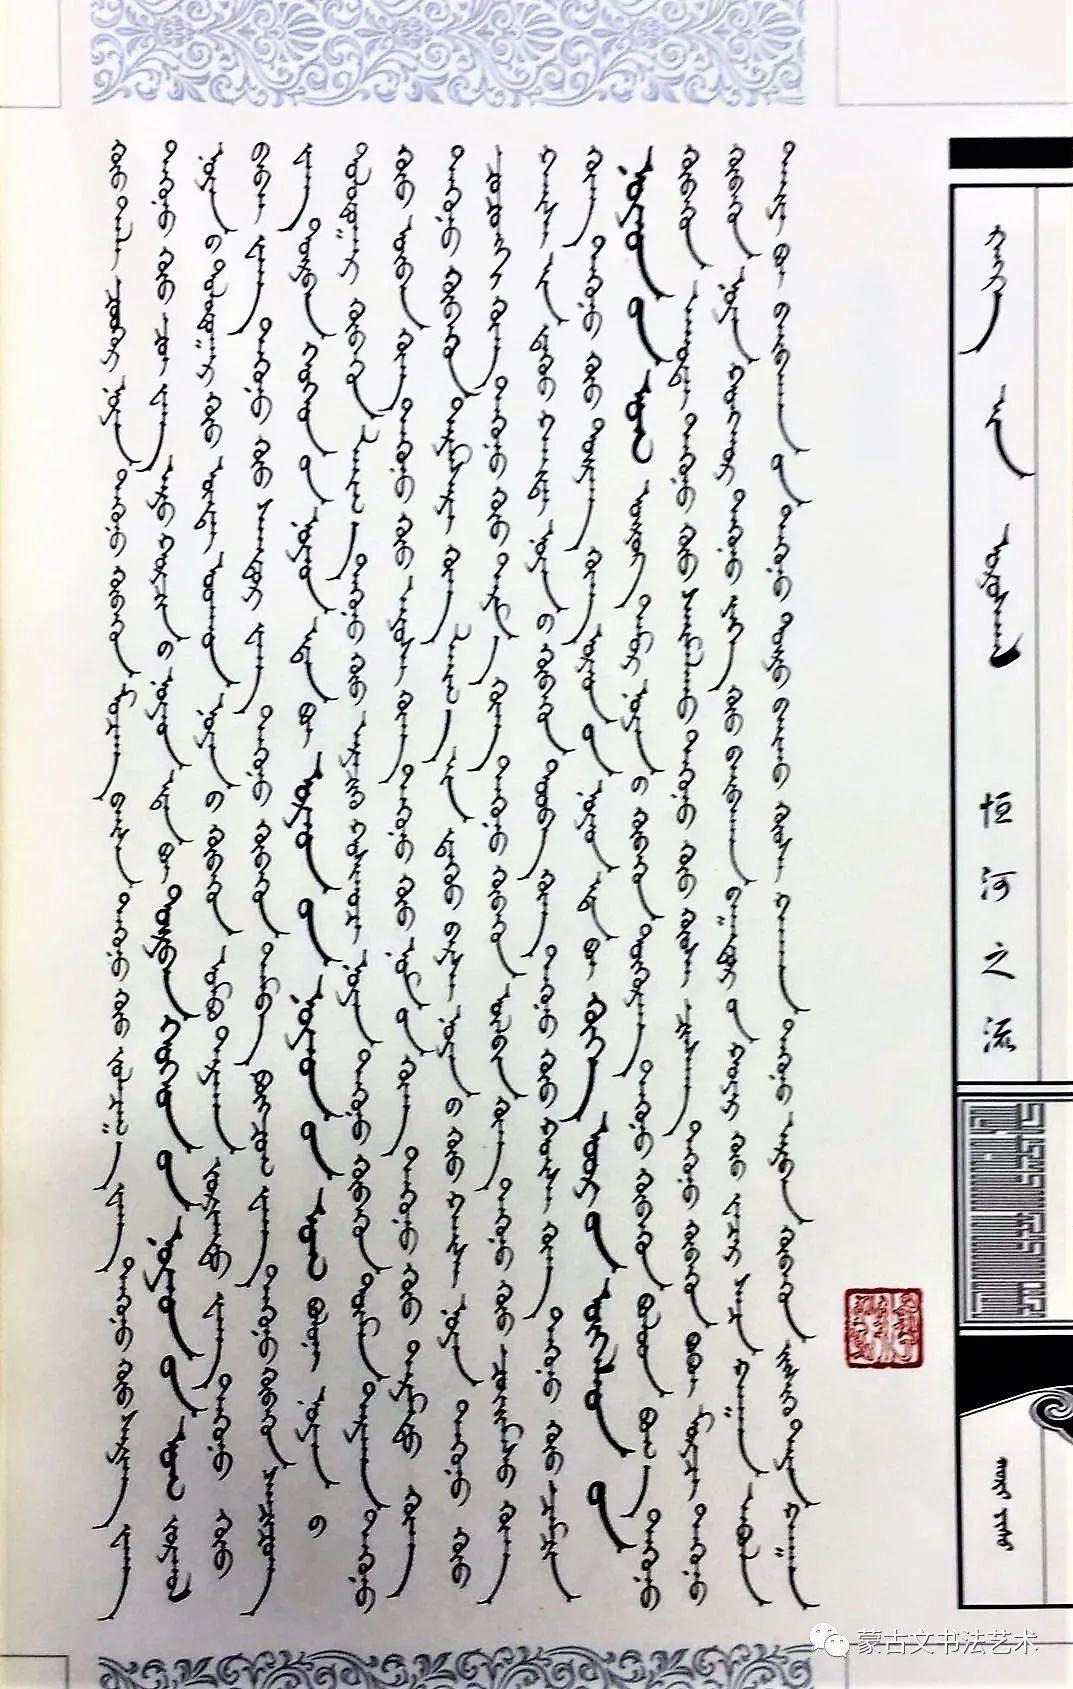 蒙古文经典文献当代书法名家手抄本之满达呼《恒河之流》 第11张